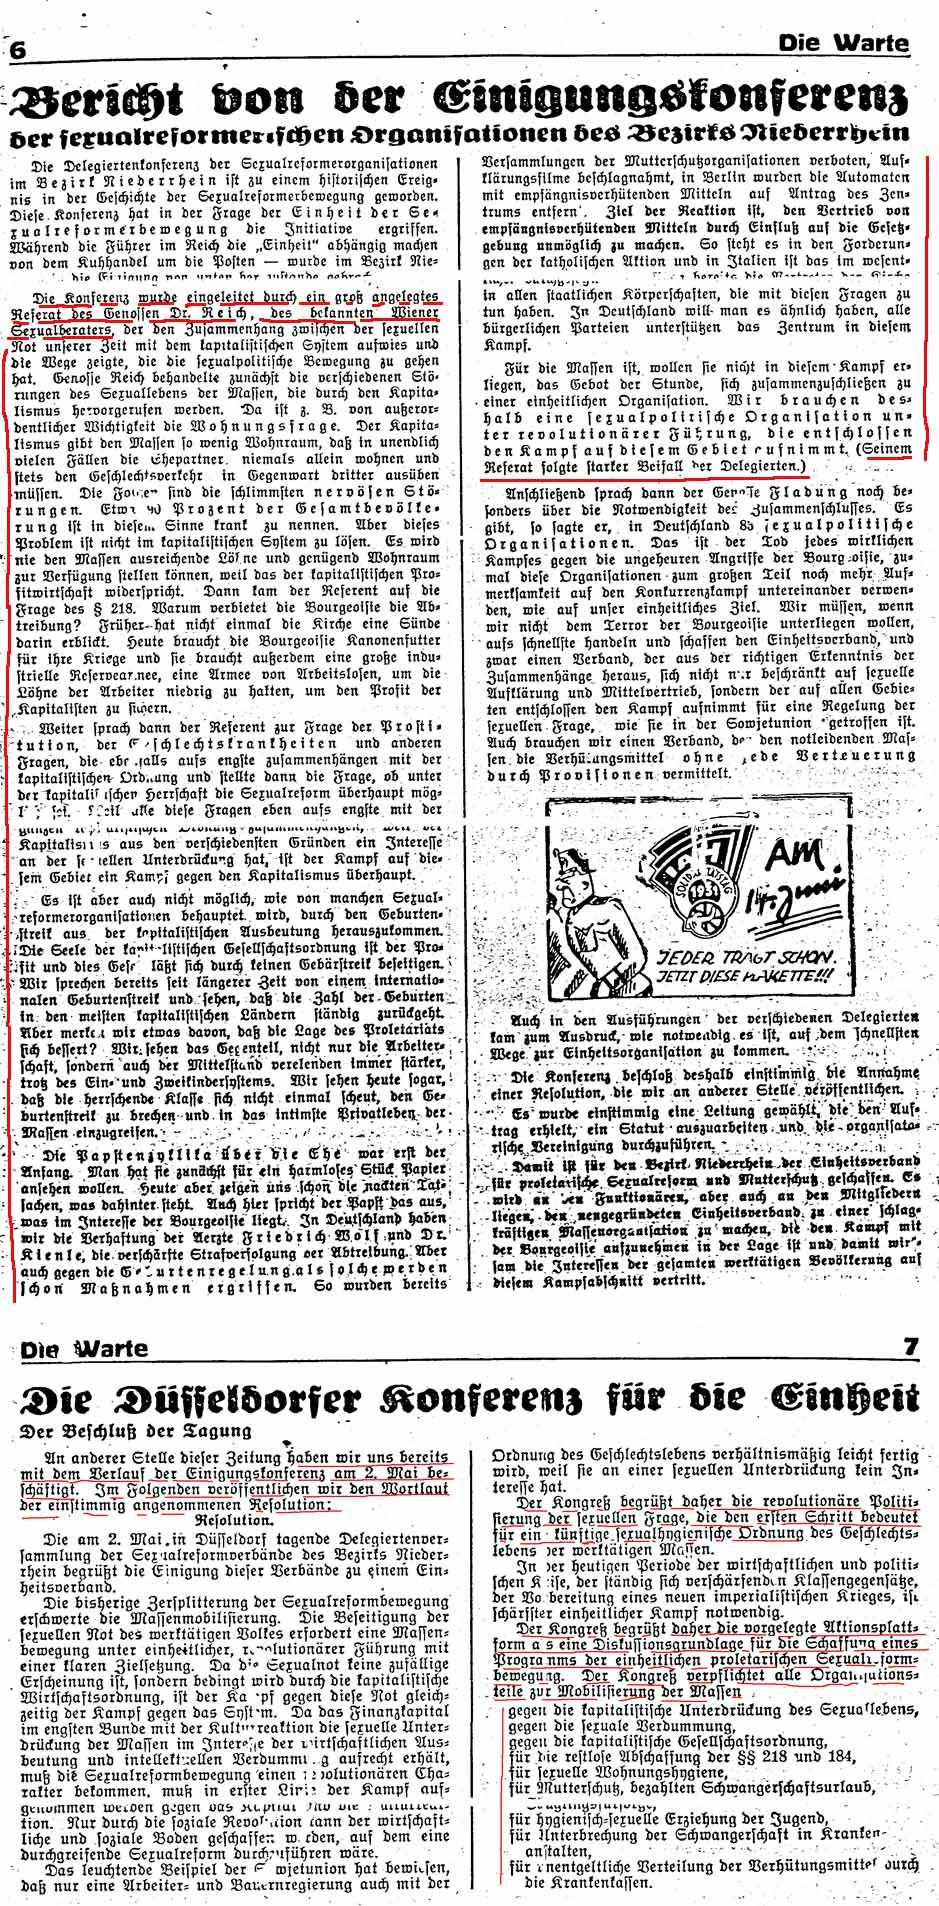 Die Warte Mai/Juni 1931, S. 6 komplett, S. 7 Ausschnitt. Sexualreform